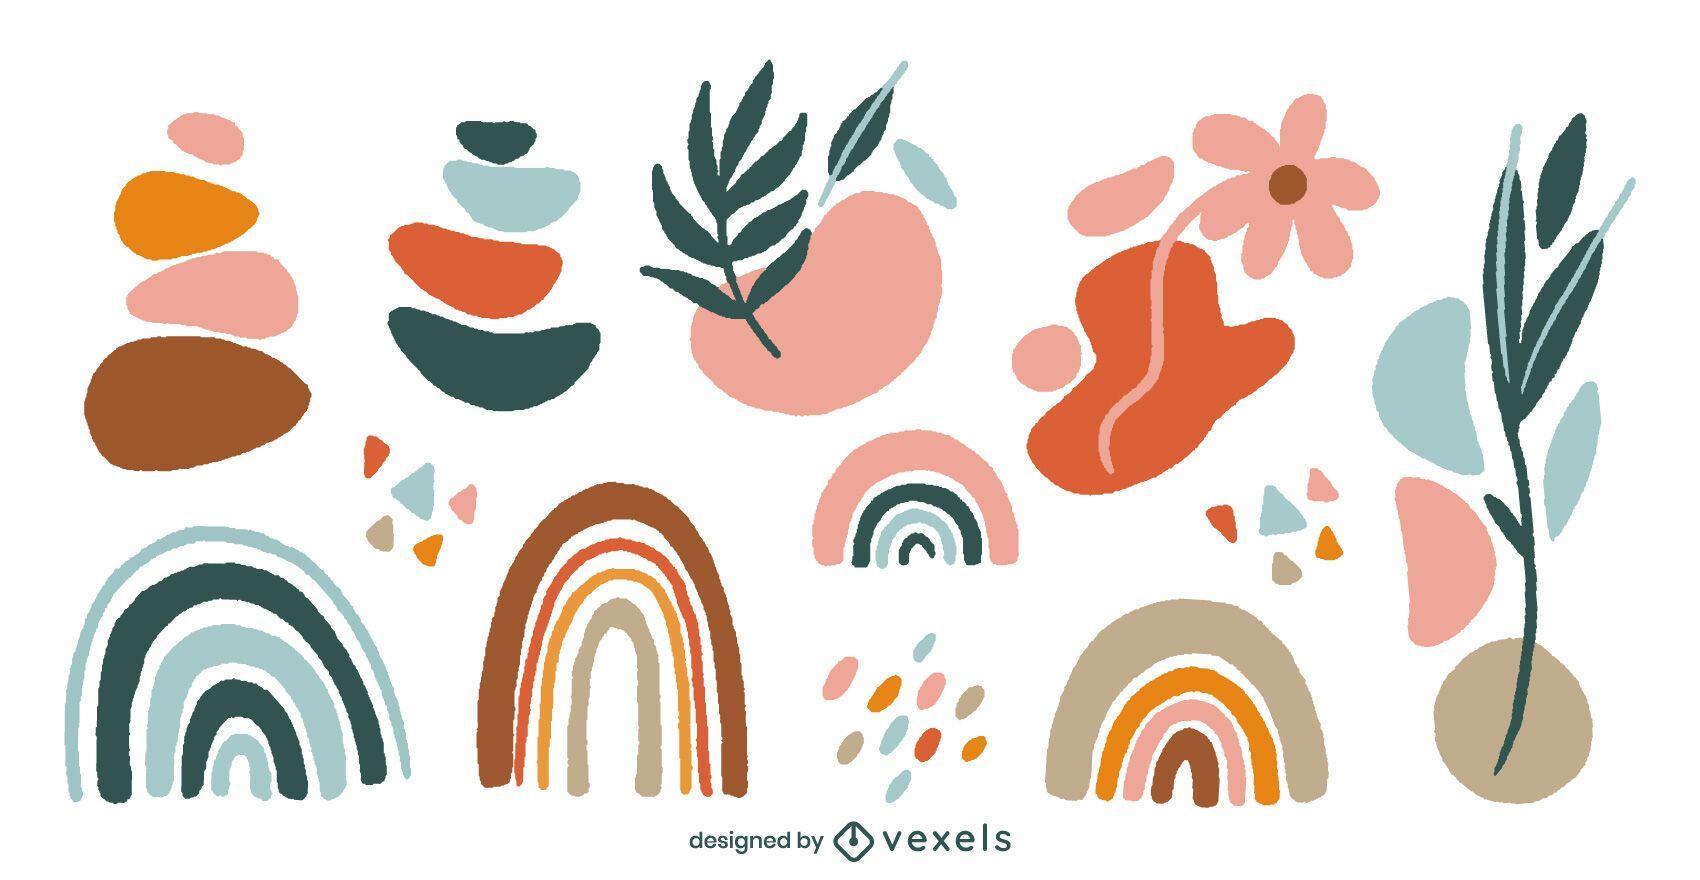 Organische abstrakte Formen gesetzt